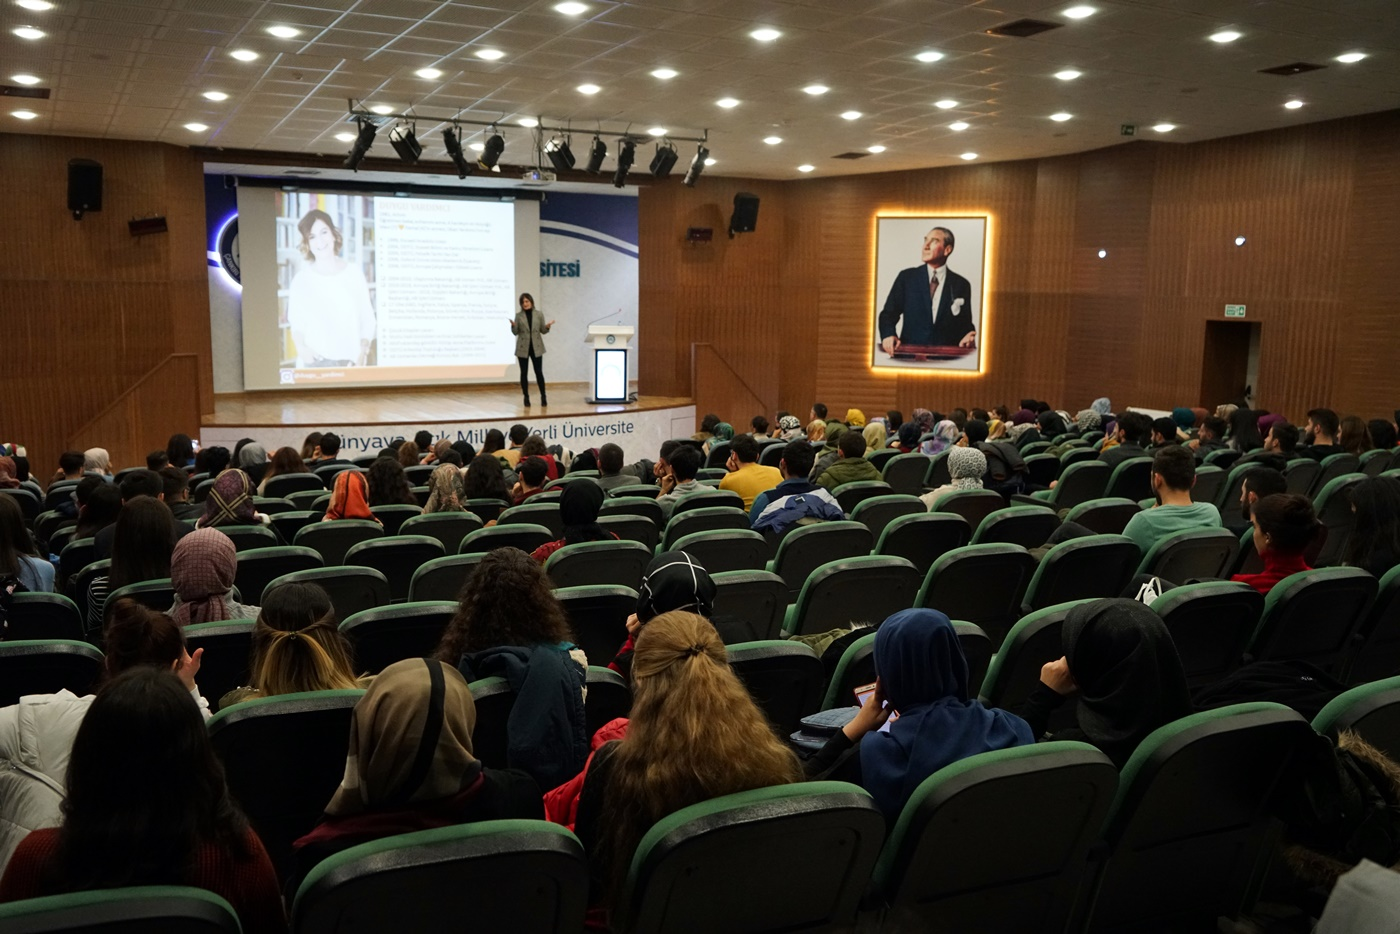 Kamusal Mekân Olarak Halk Kütüphaneleri ve Profesyonel İş Yaşamından Öğrencilik Yıllarına Bakış Konferansları Gerçekleştirildi Resim